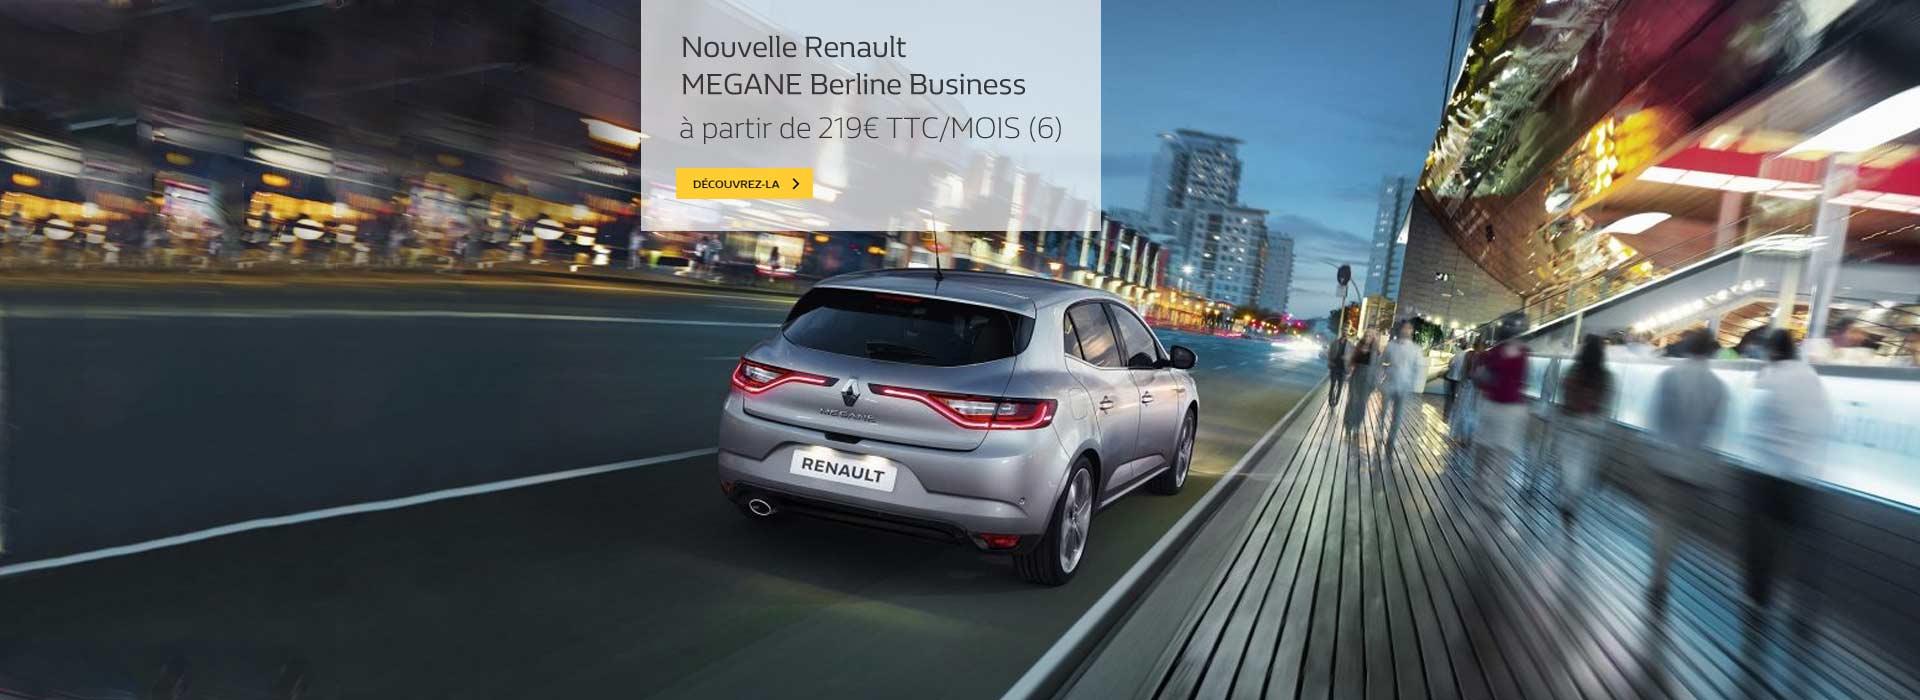 Nouvelle Renault MEGANE Berline Business